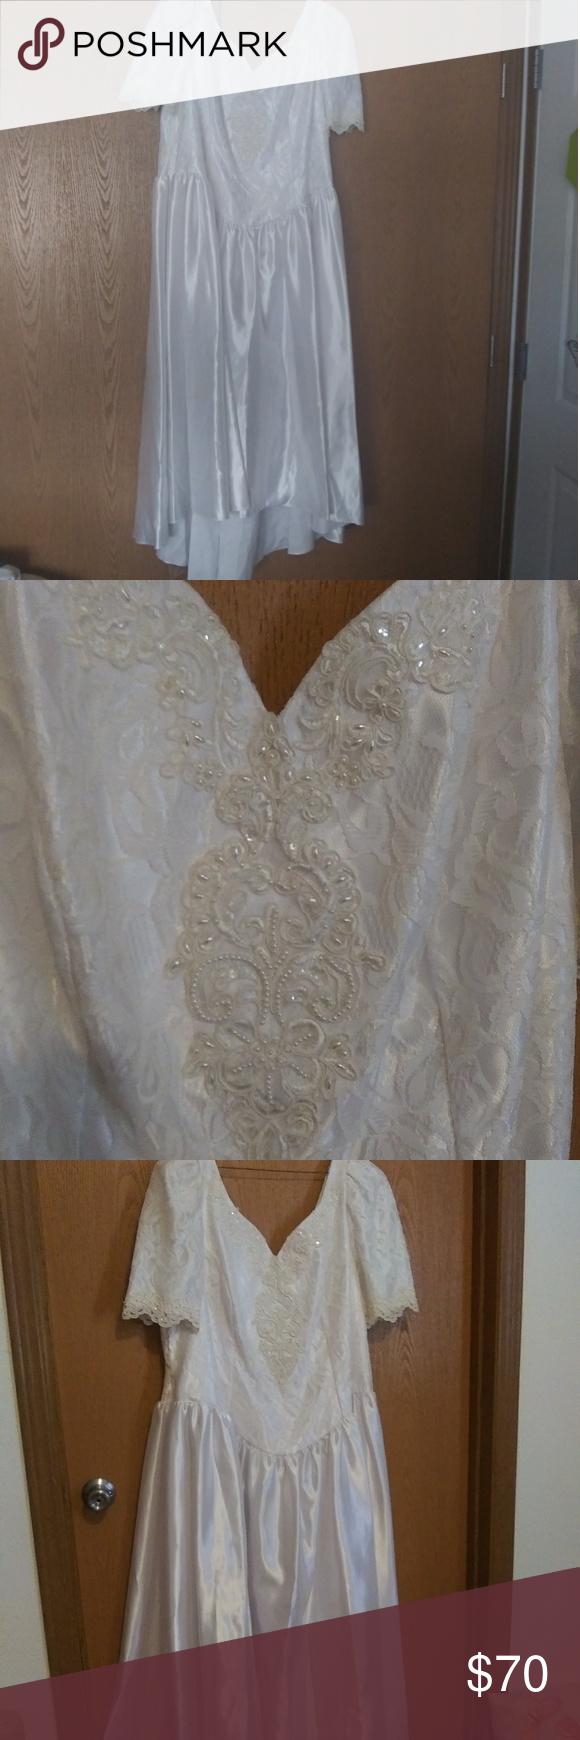 White Tea Length Wedding Dress White Satin With Lace Jcpenney Dresses Wedding Tea Length Wedding Dress Tea Length Wedding Jcpenney Dresses [ 1740 x 580 Pixel ]